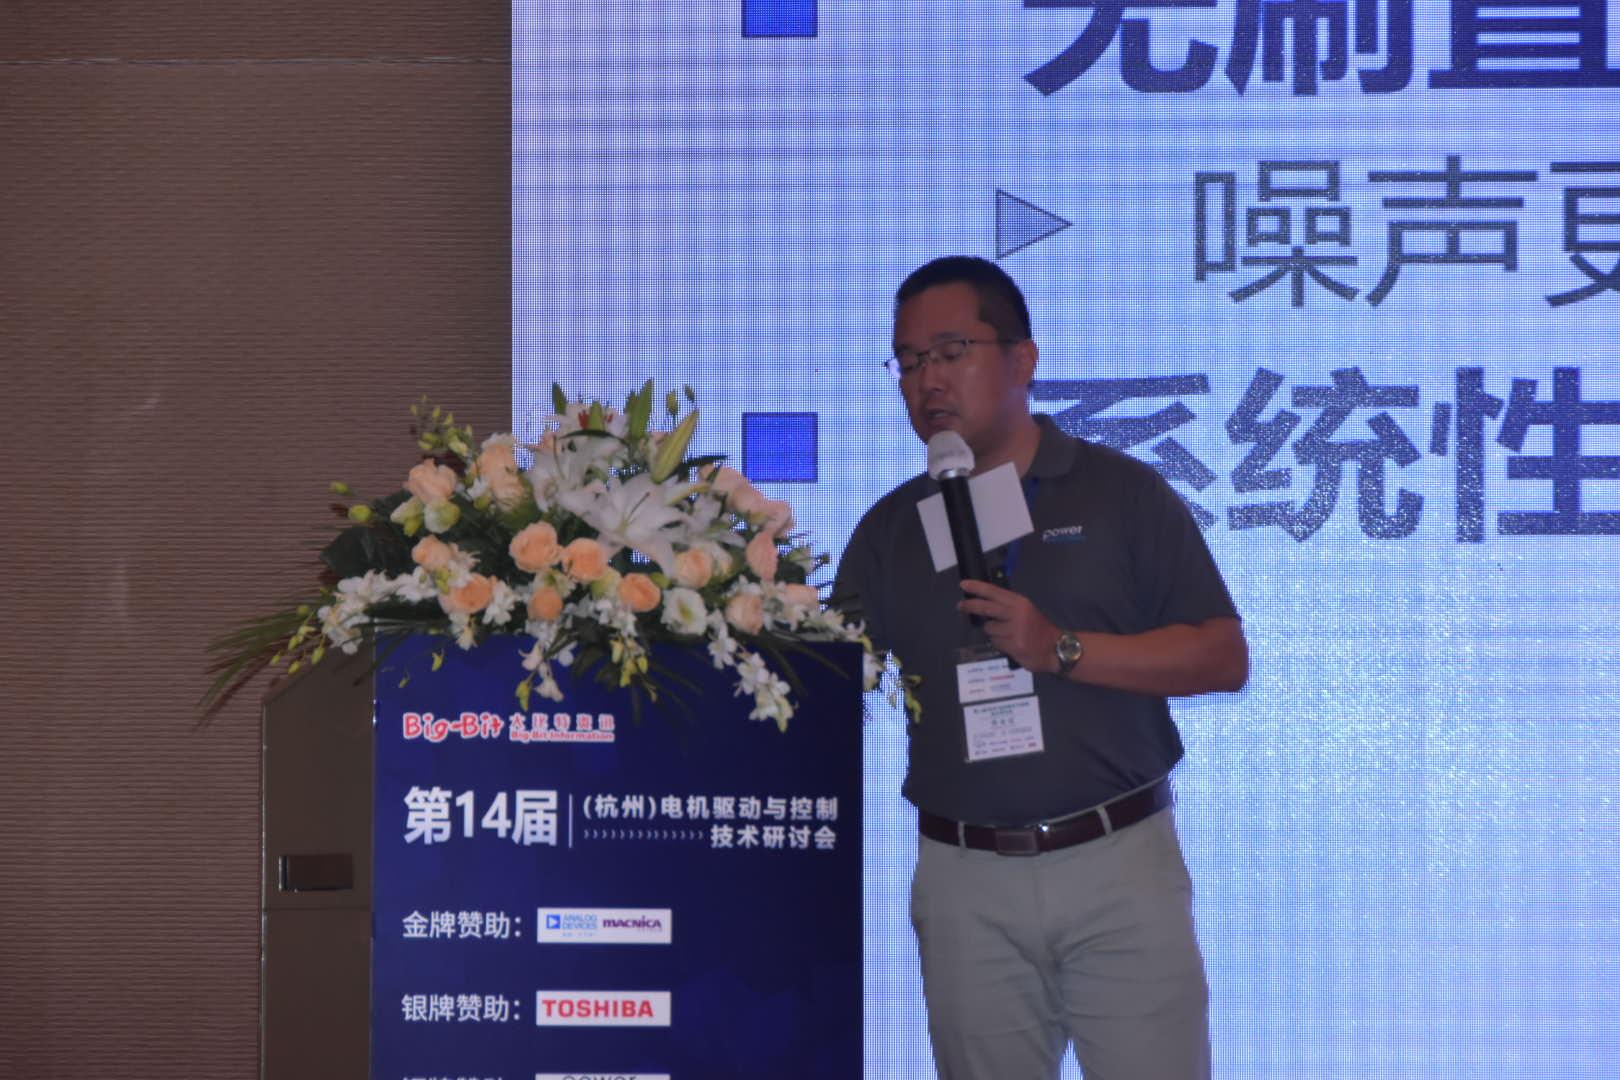 第14届杭州电机驱动与控制技术会议圆满成功